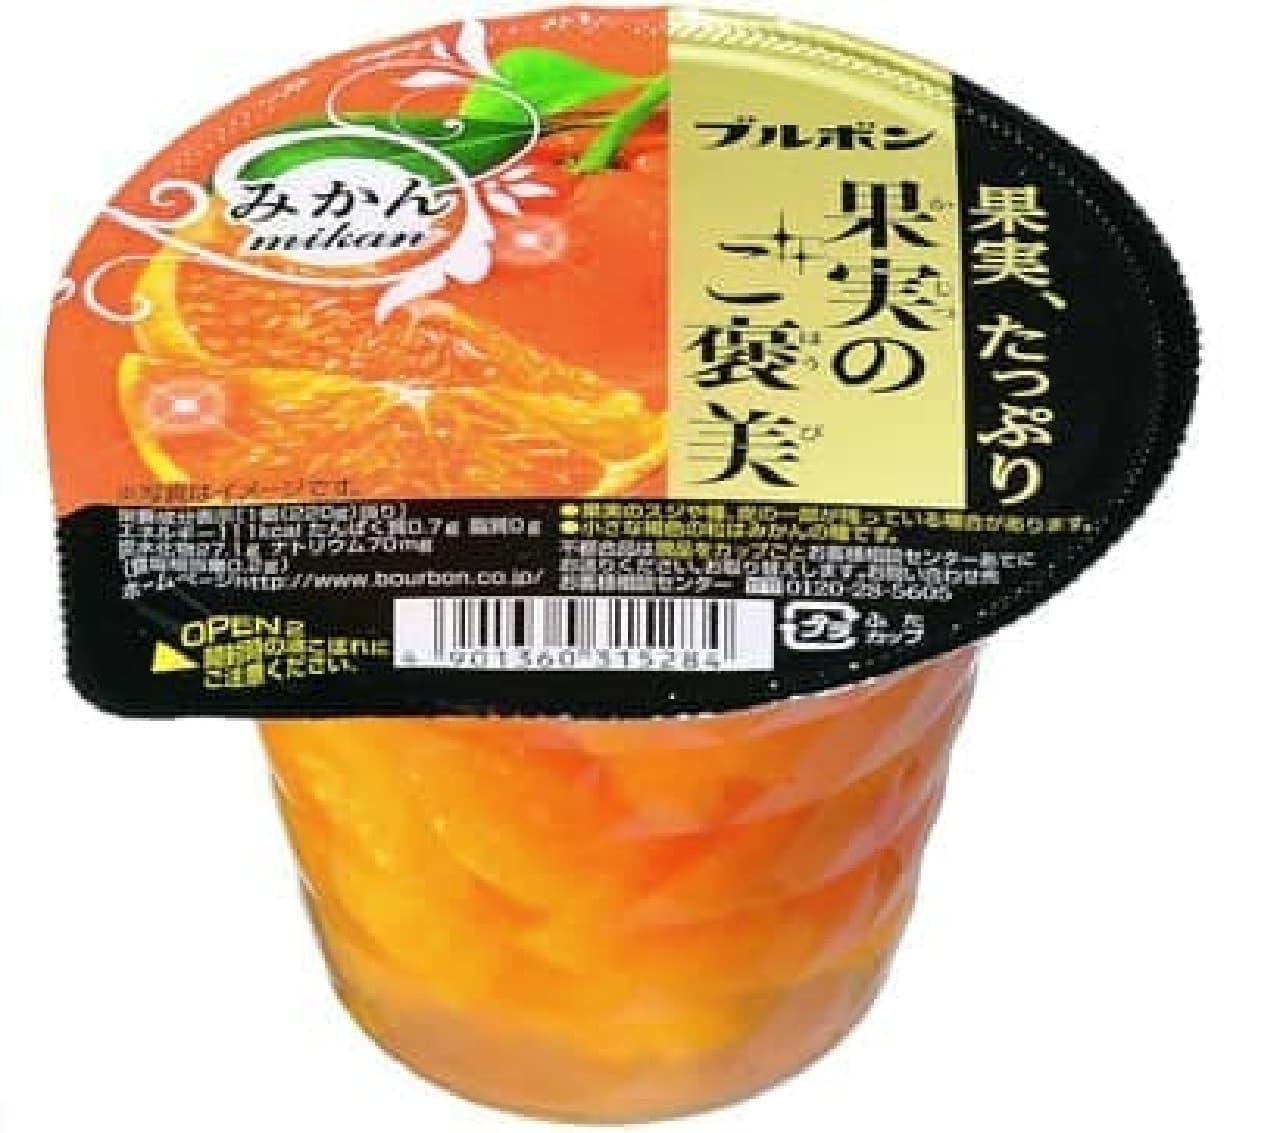 みかんをたっぷり使用した「果実のご褒美みかん」